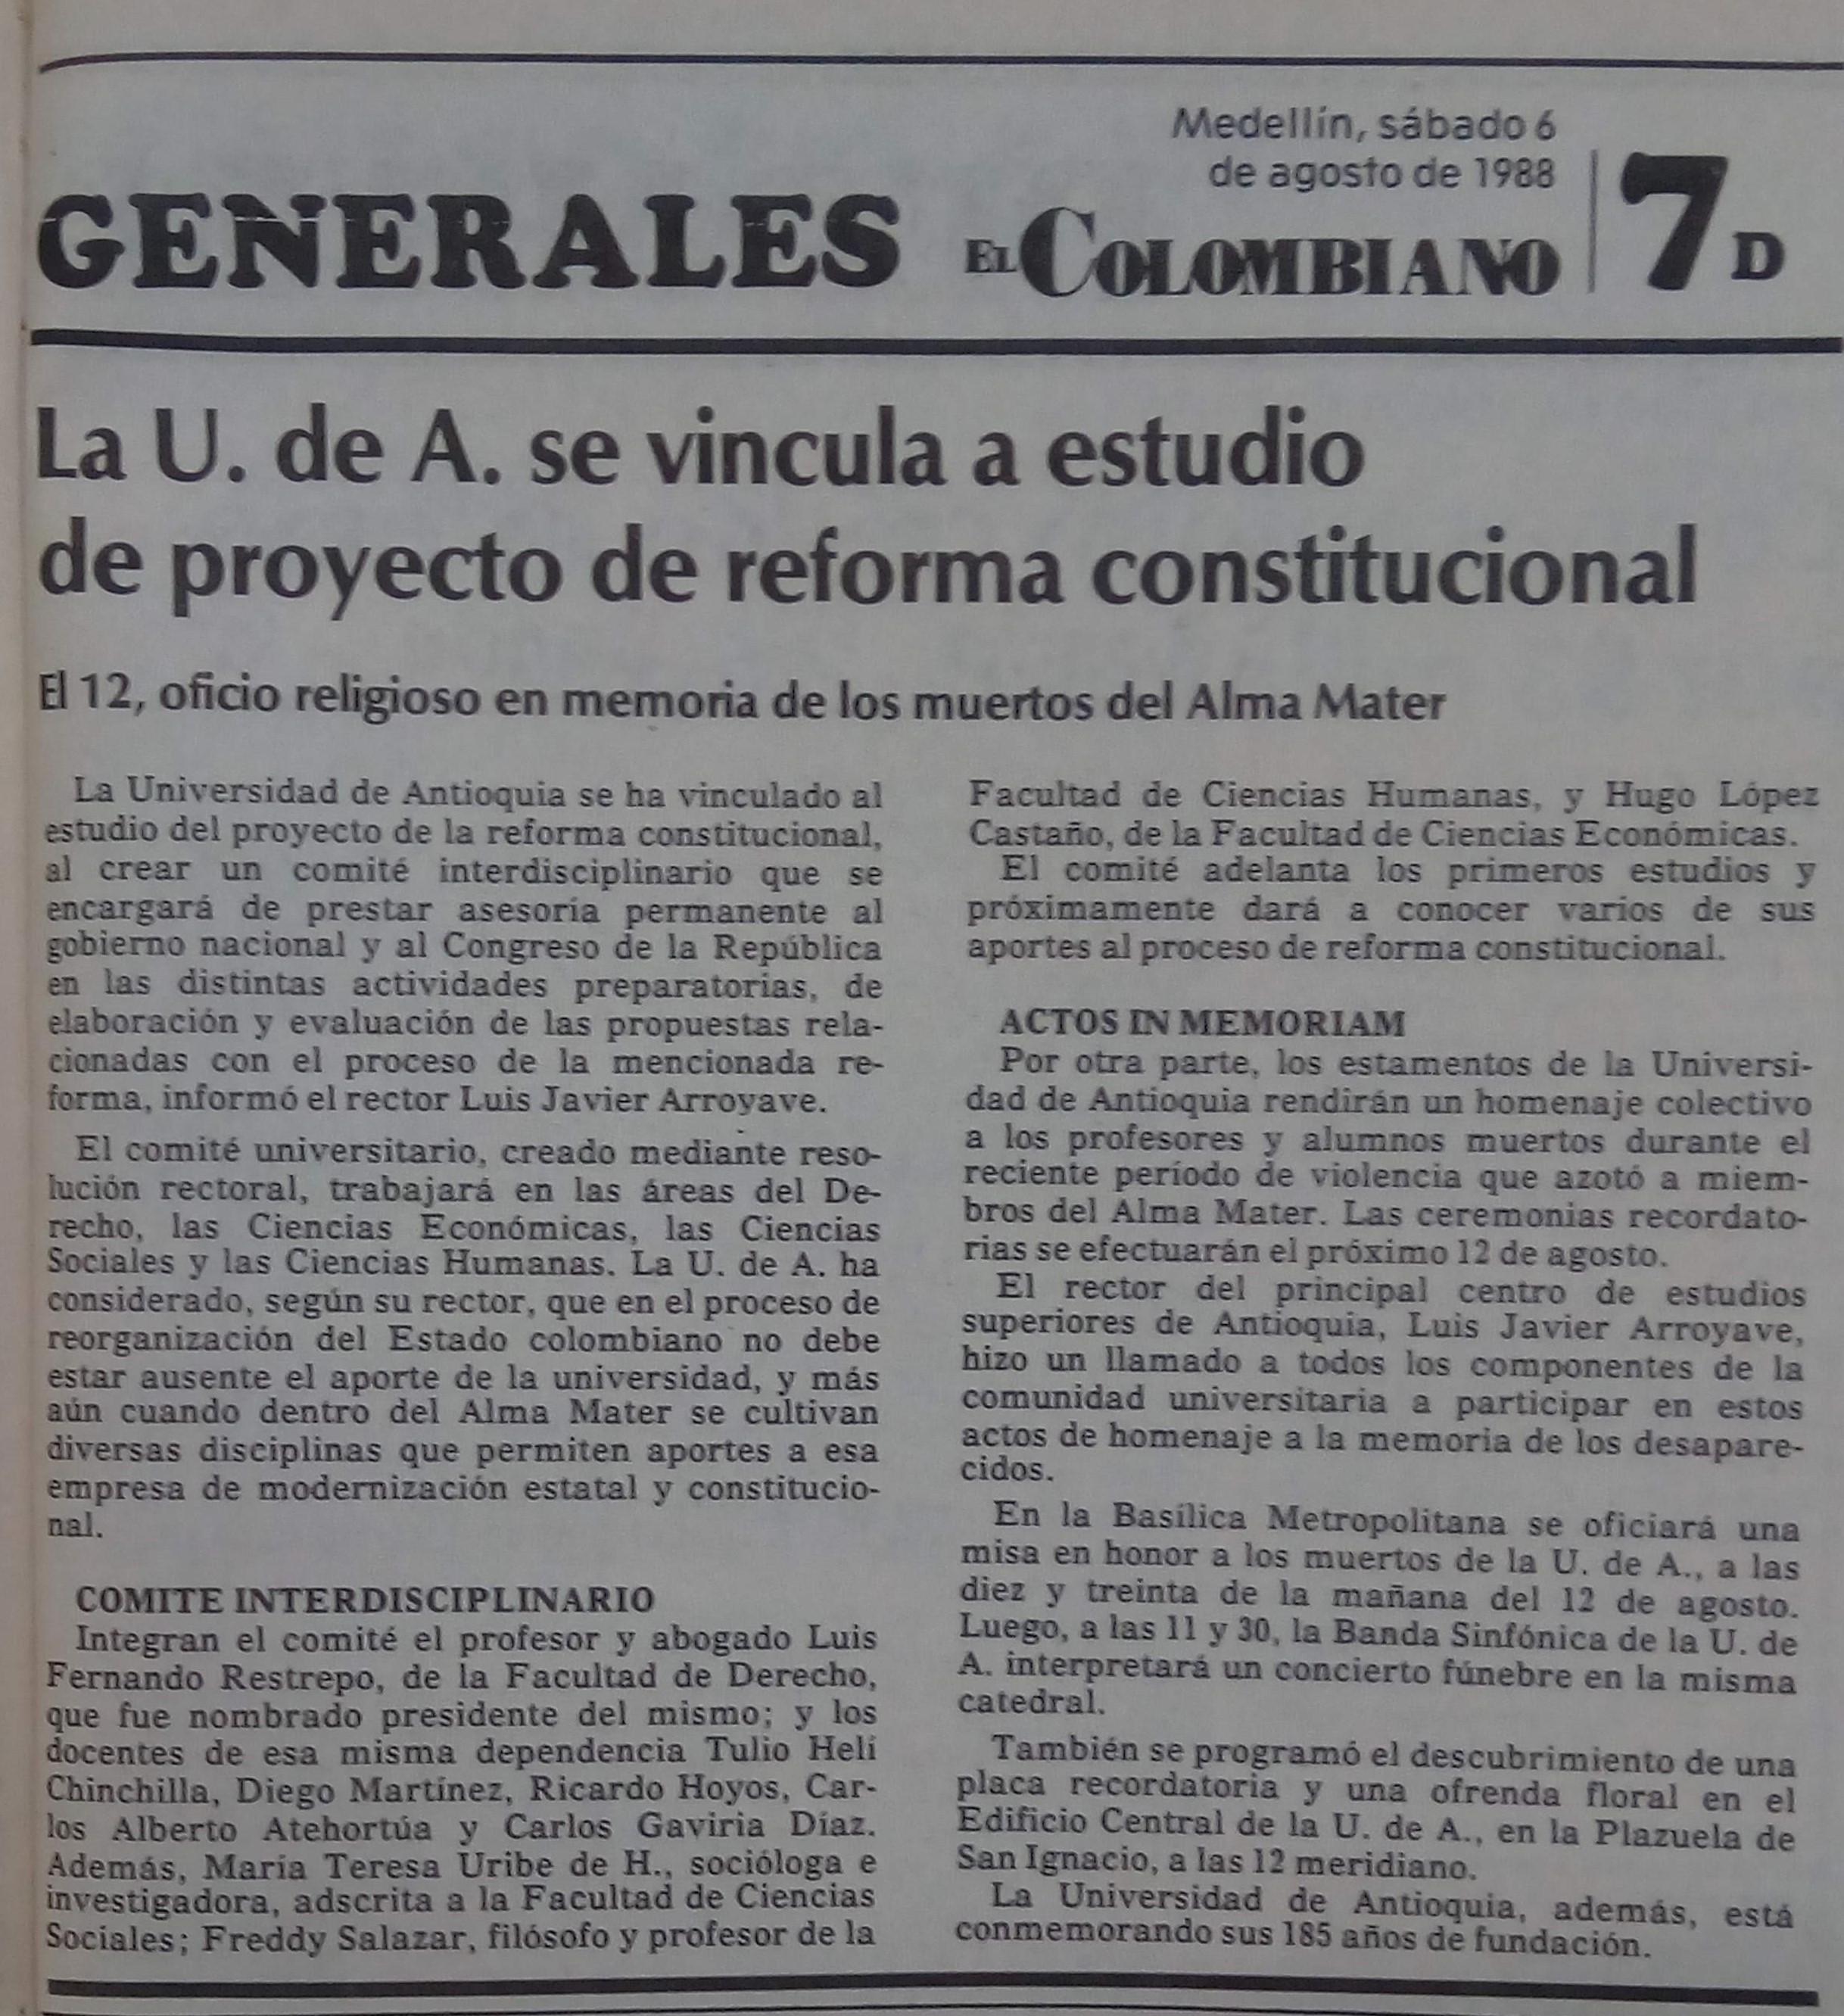 Fotografía tomada de la edición del 6 de agosto de 1988 del periódico El Colombiano